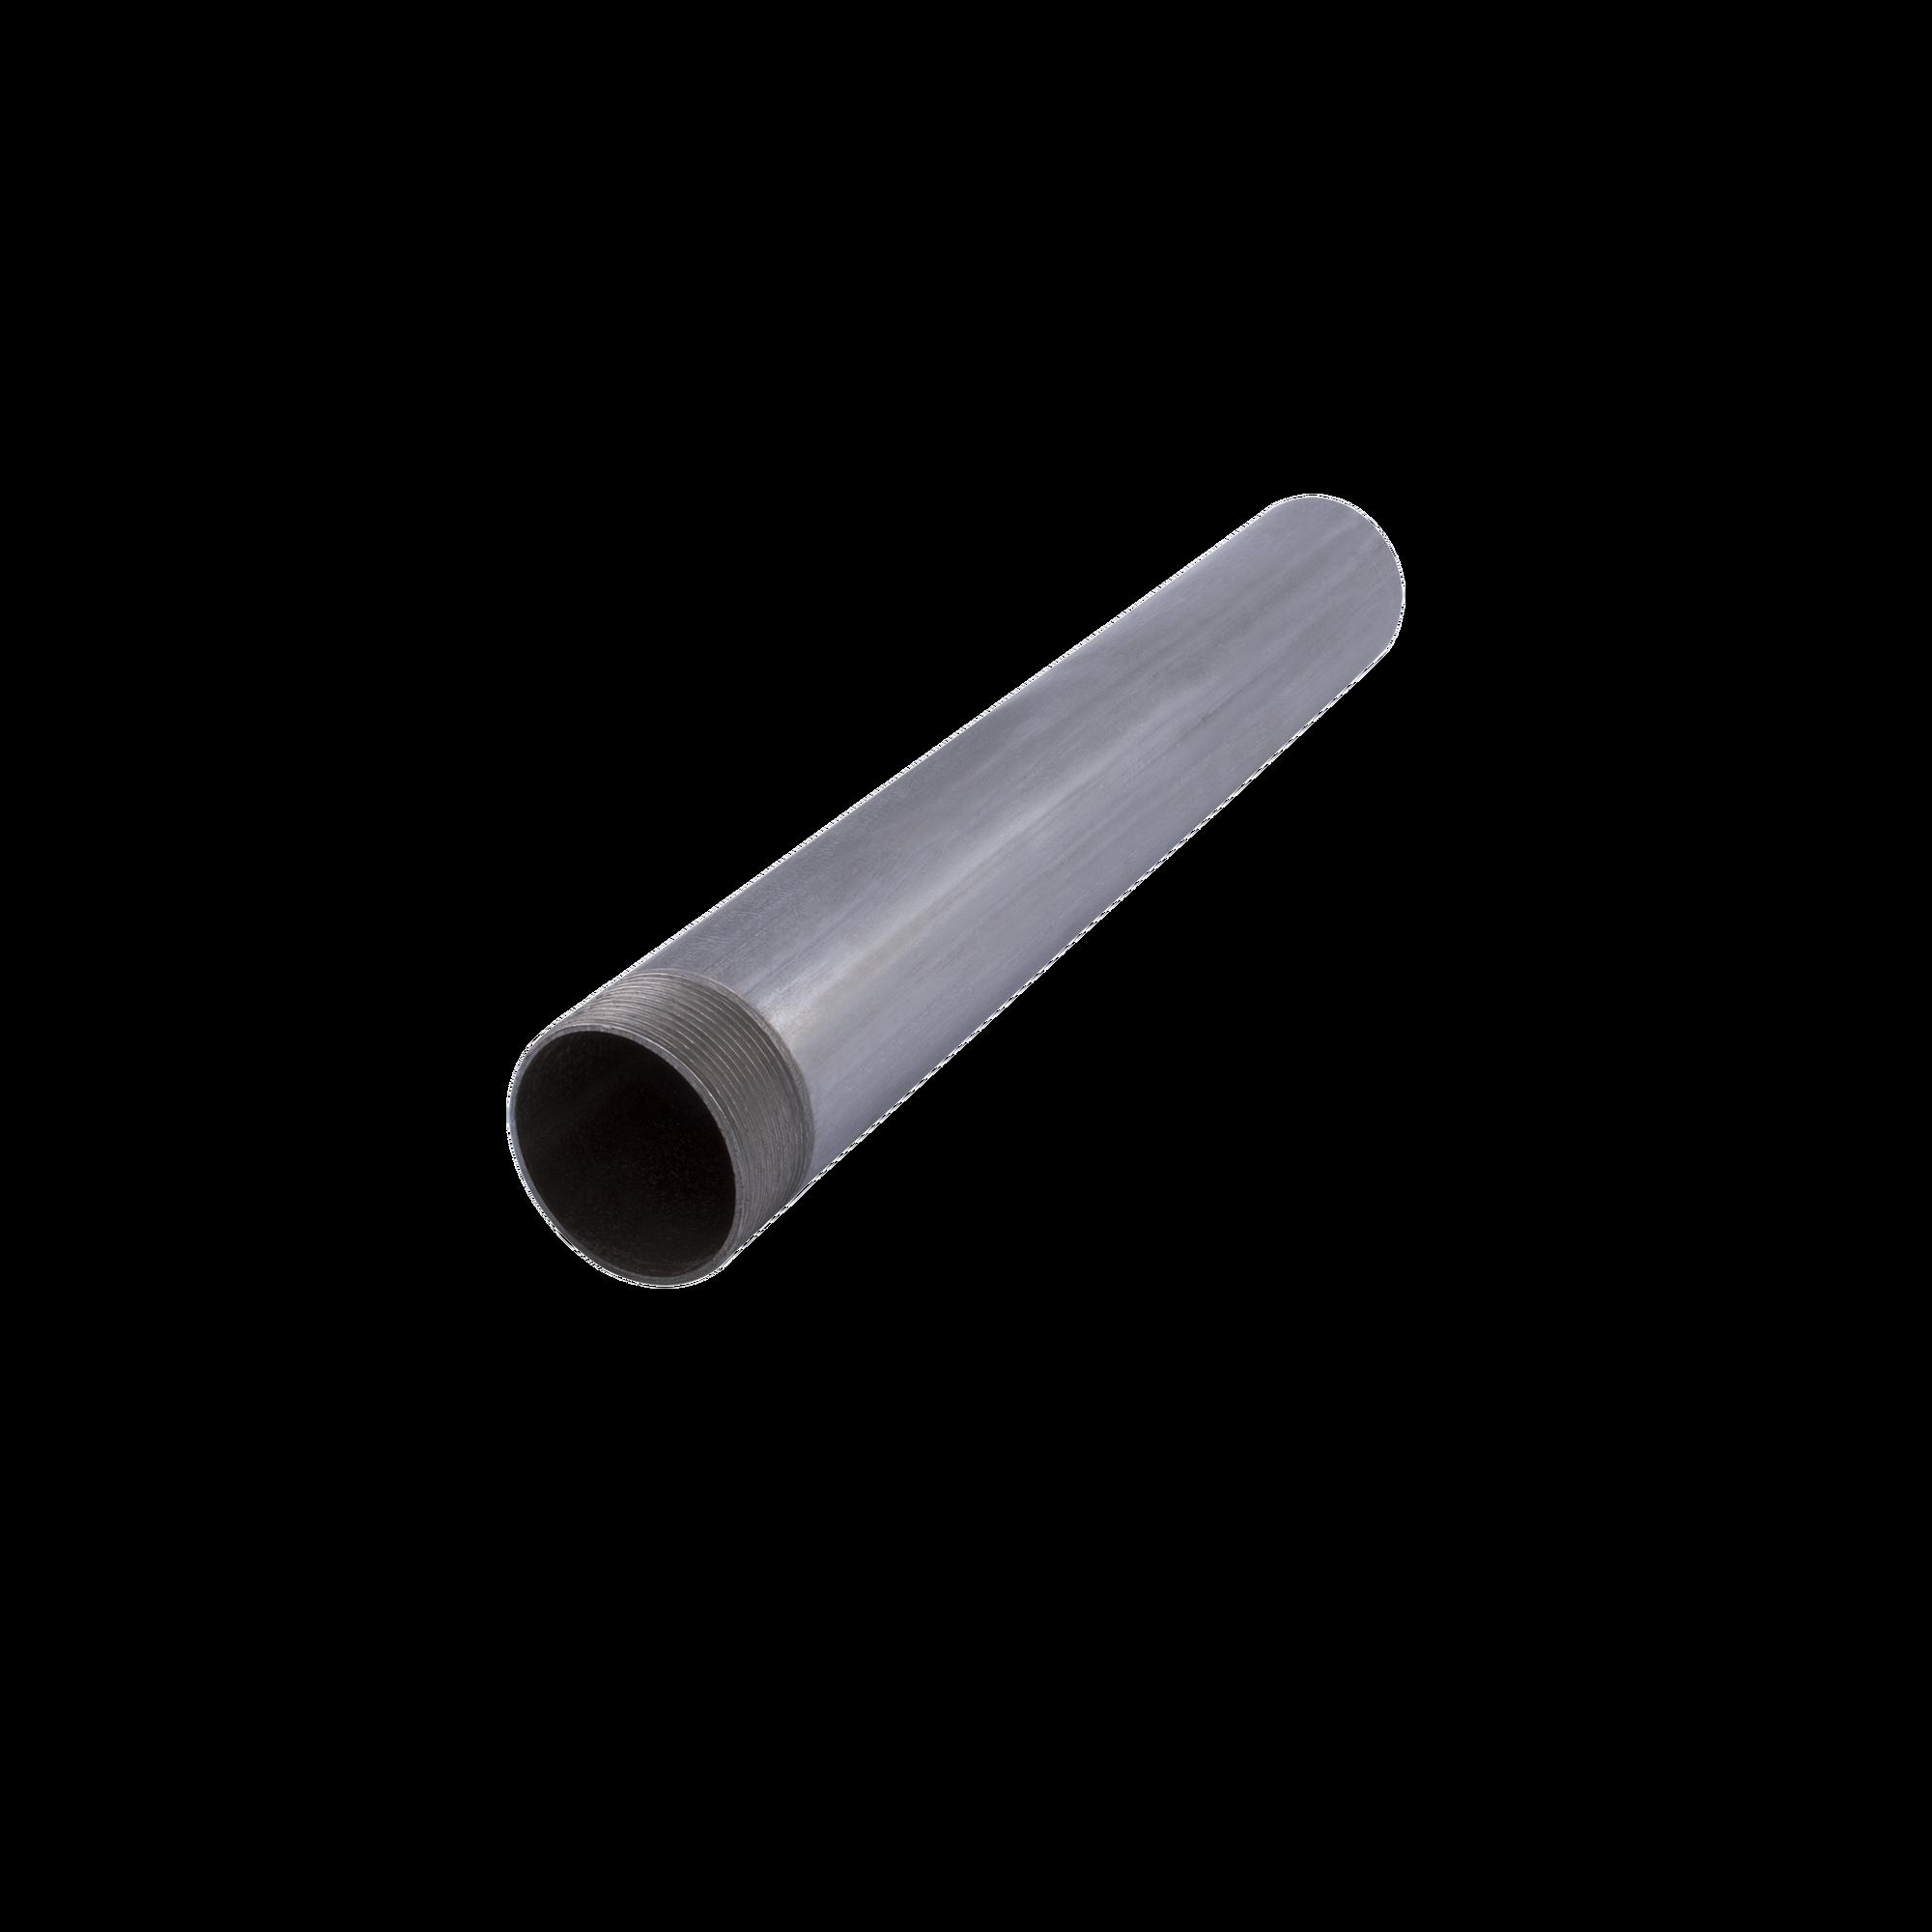 Tubo conduit 1/2 Pared Gruesa (13mm) x 3 metros , galvanizado, etiqueta amarilla, calibre 16 (Incluye 1 cople).